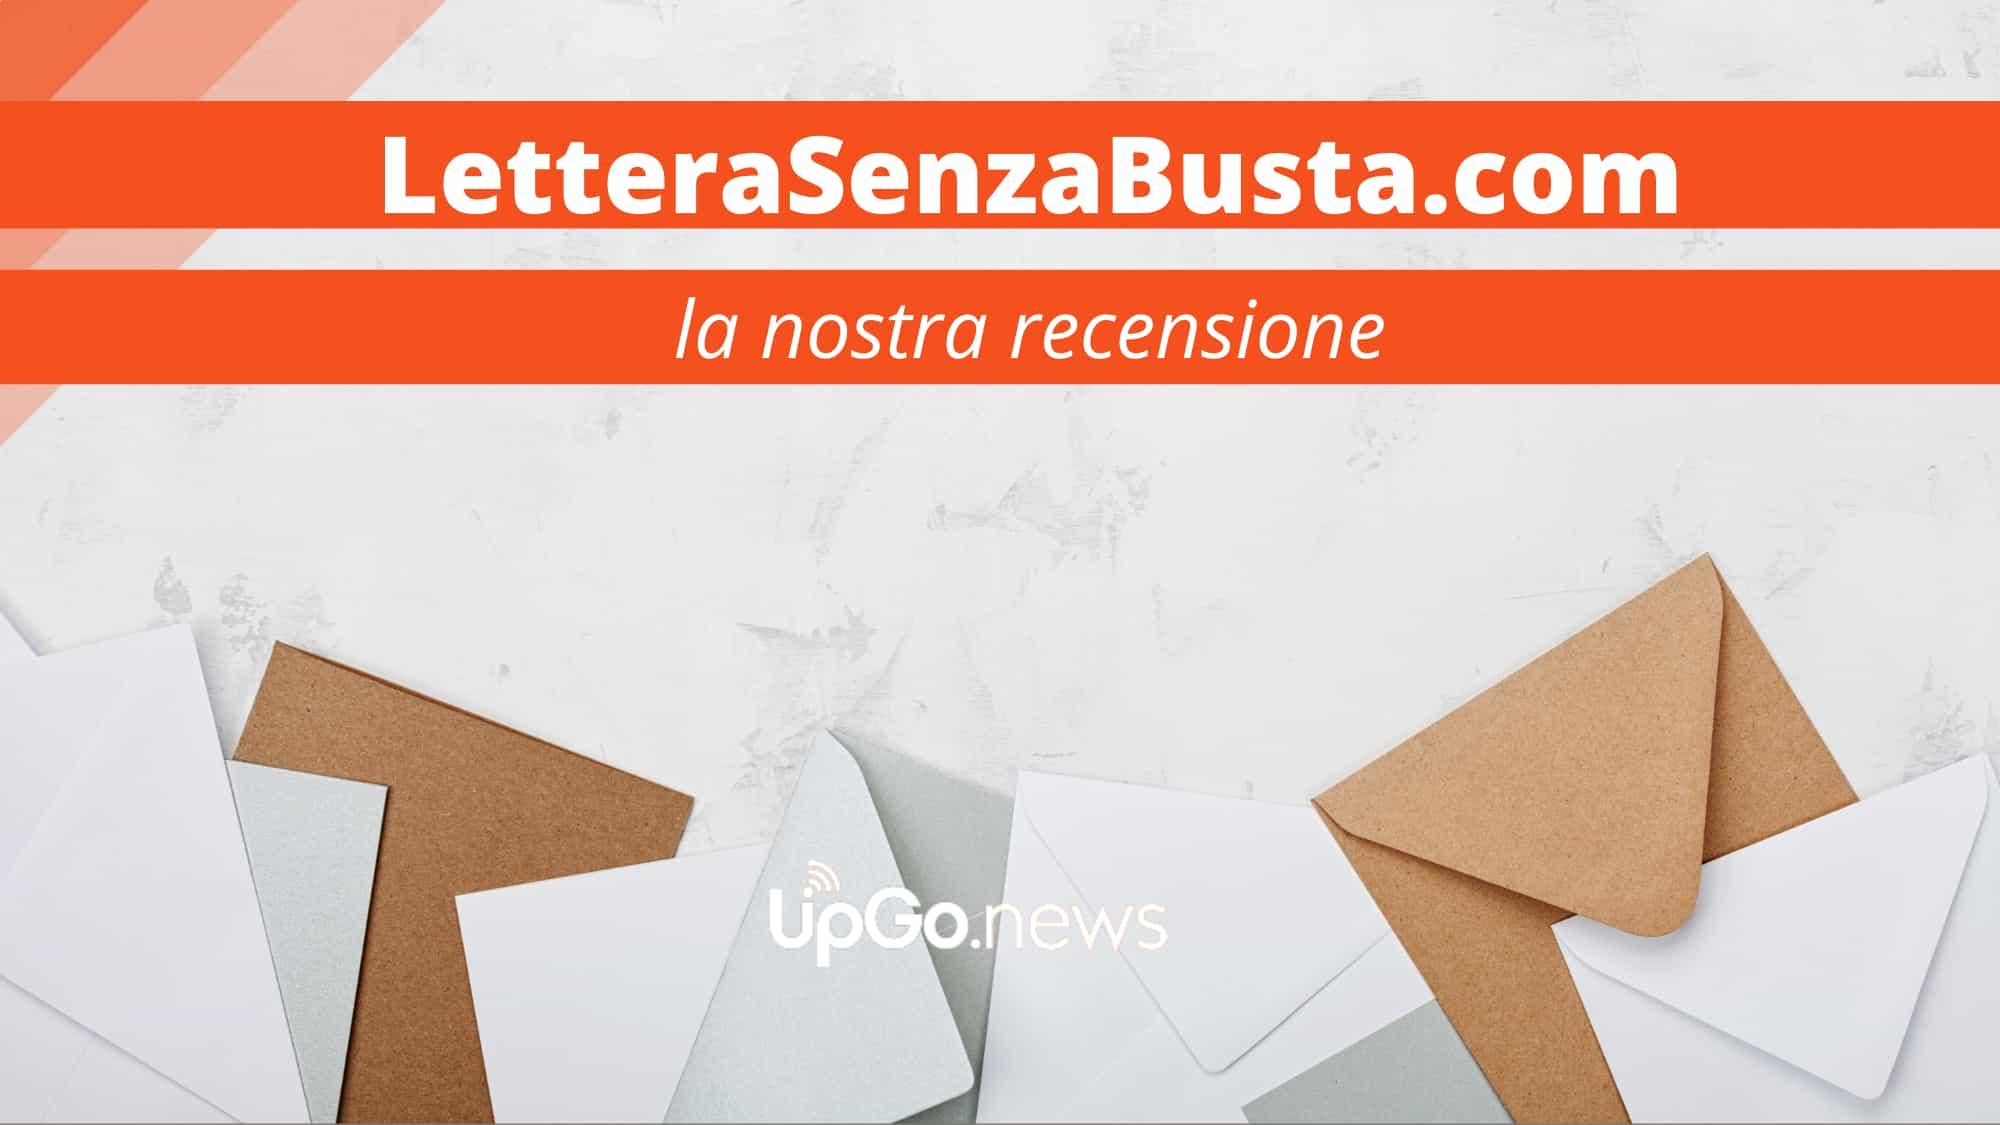 Letterasenzabusta.com